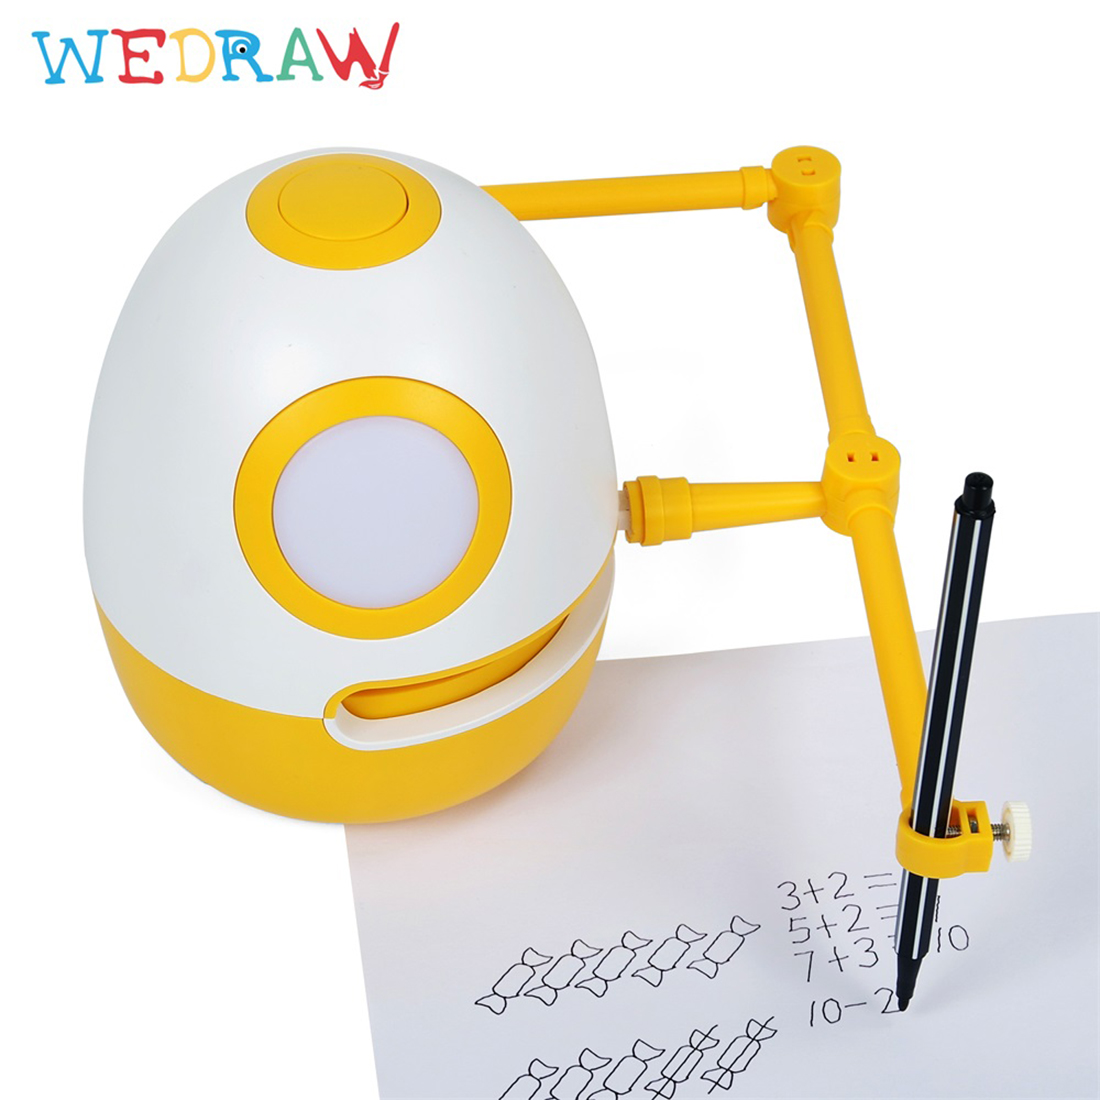 wedraw eggy criancas desenho robo genio kit aprendizagem tecnologia educacional brinquedos eletronicos animais de estimacao brinquedos